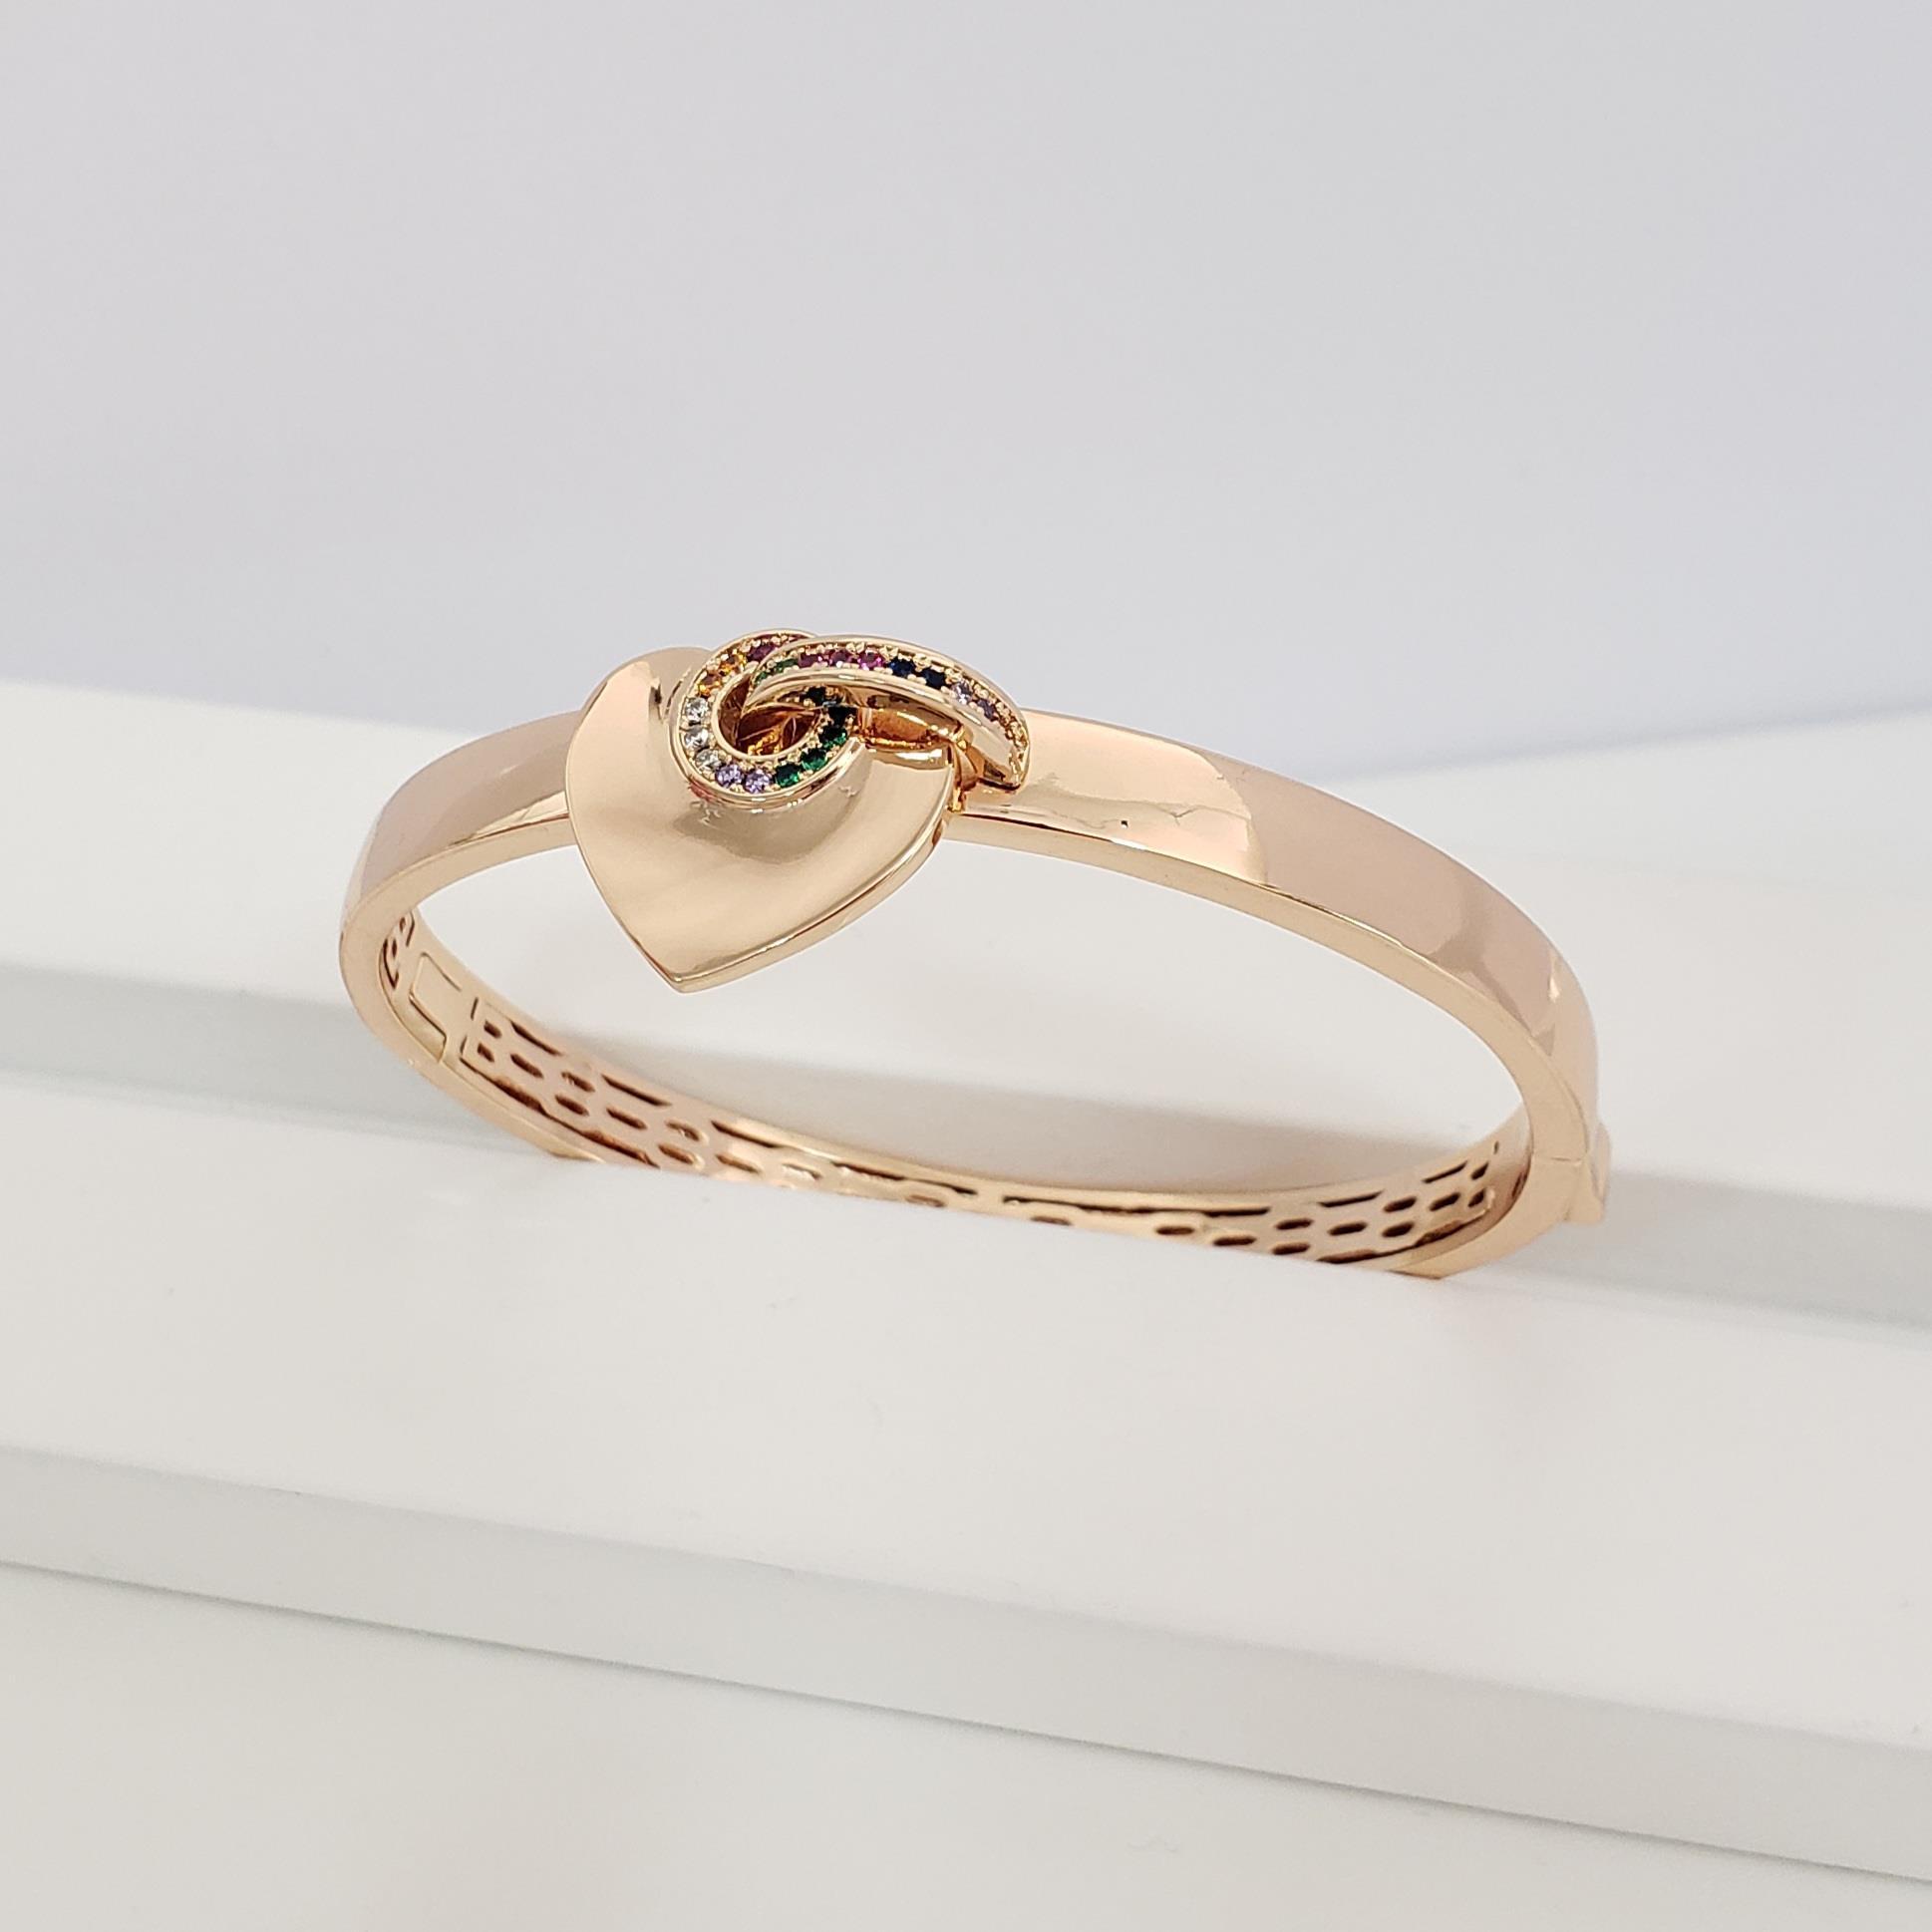 Bracelete Reto Largo com Coração Liso Borda Zircônia Colorida no Banho Ouro 18k Semijoia